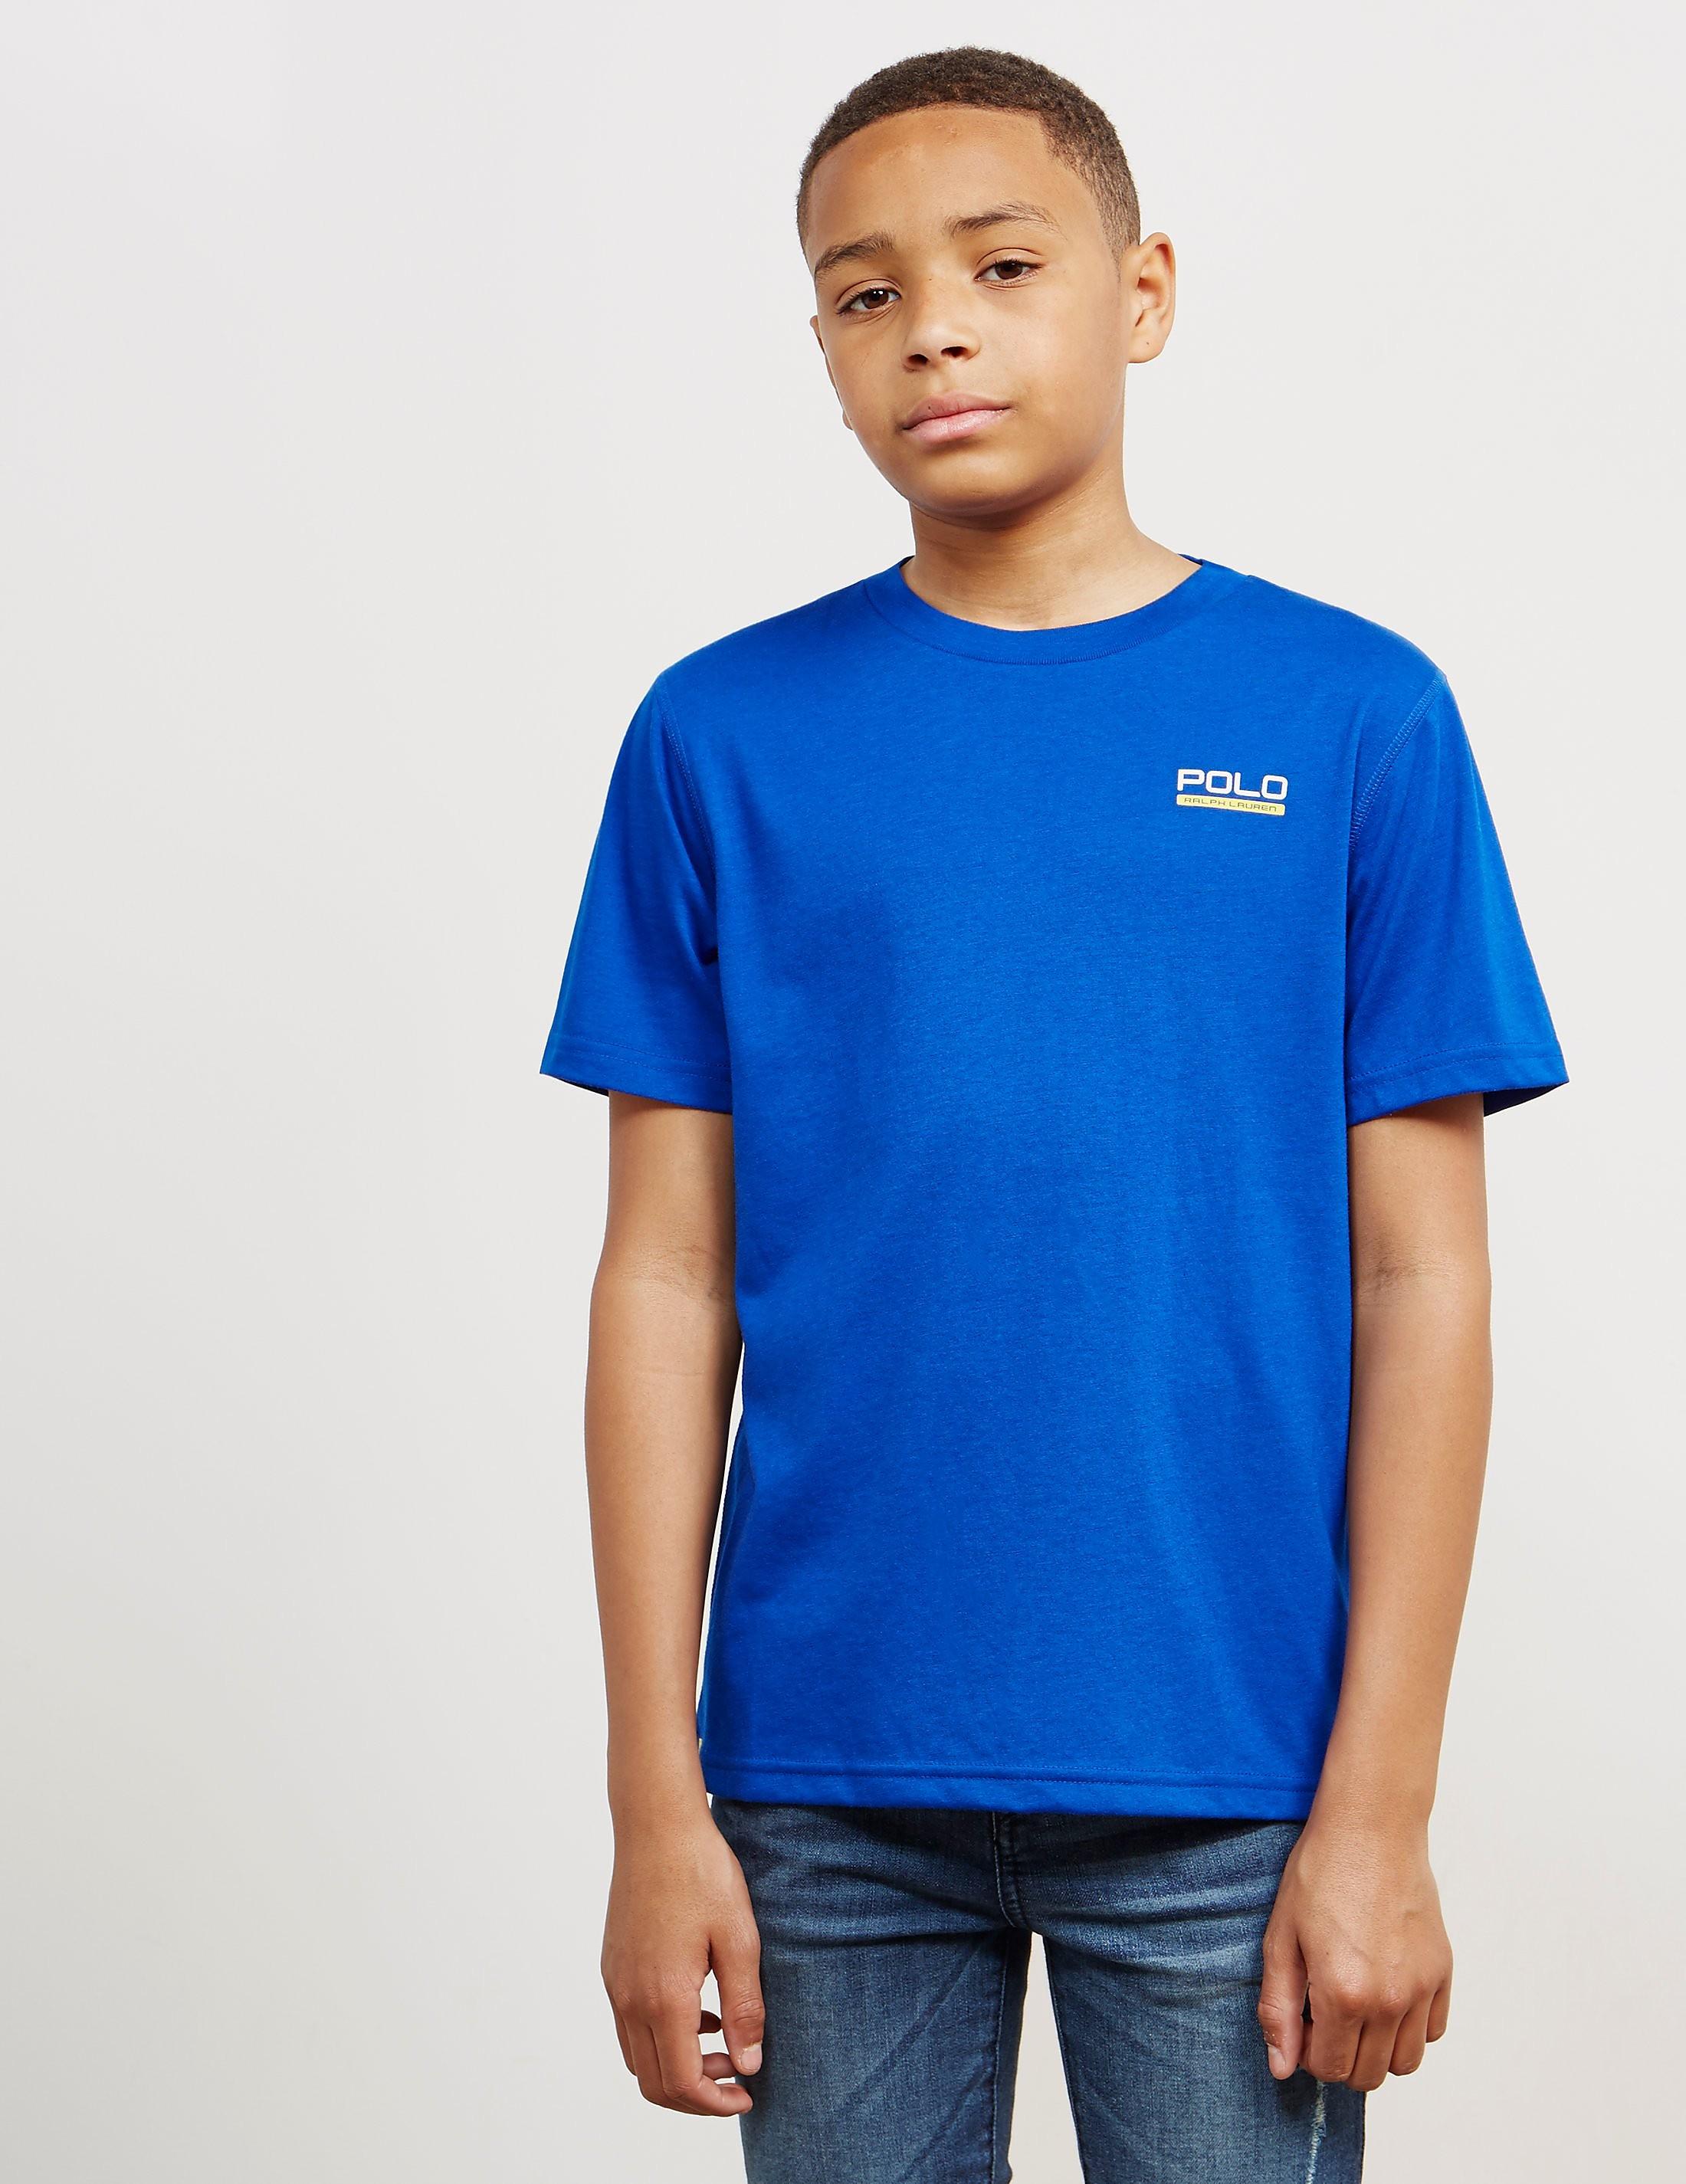 Polo Ralph Lauren Chest Logo Short Sleeve T-Shirt